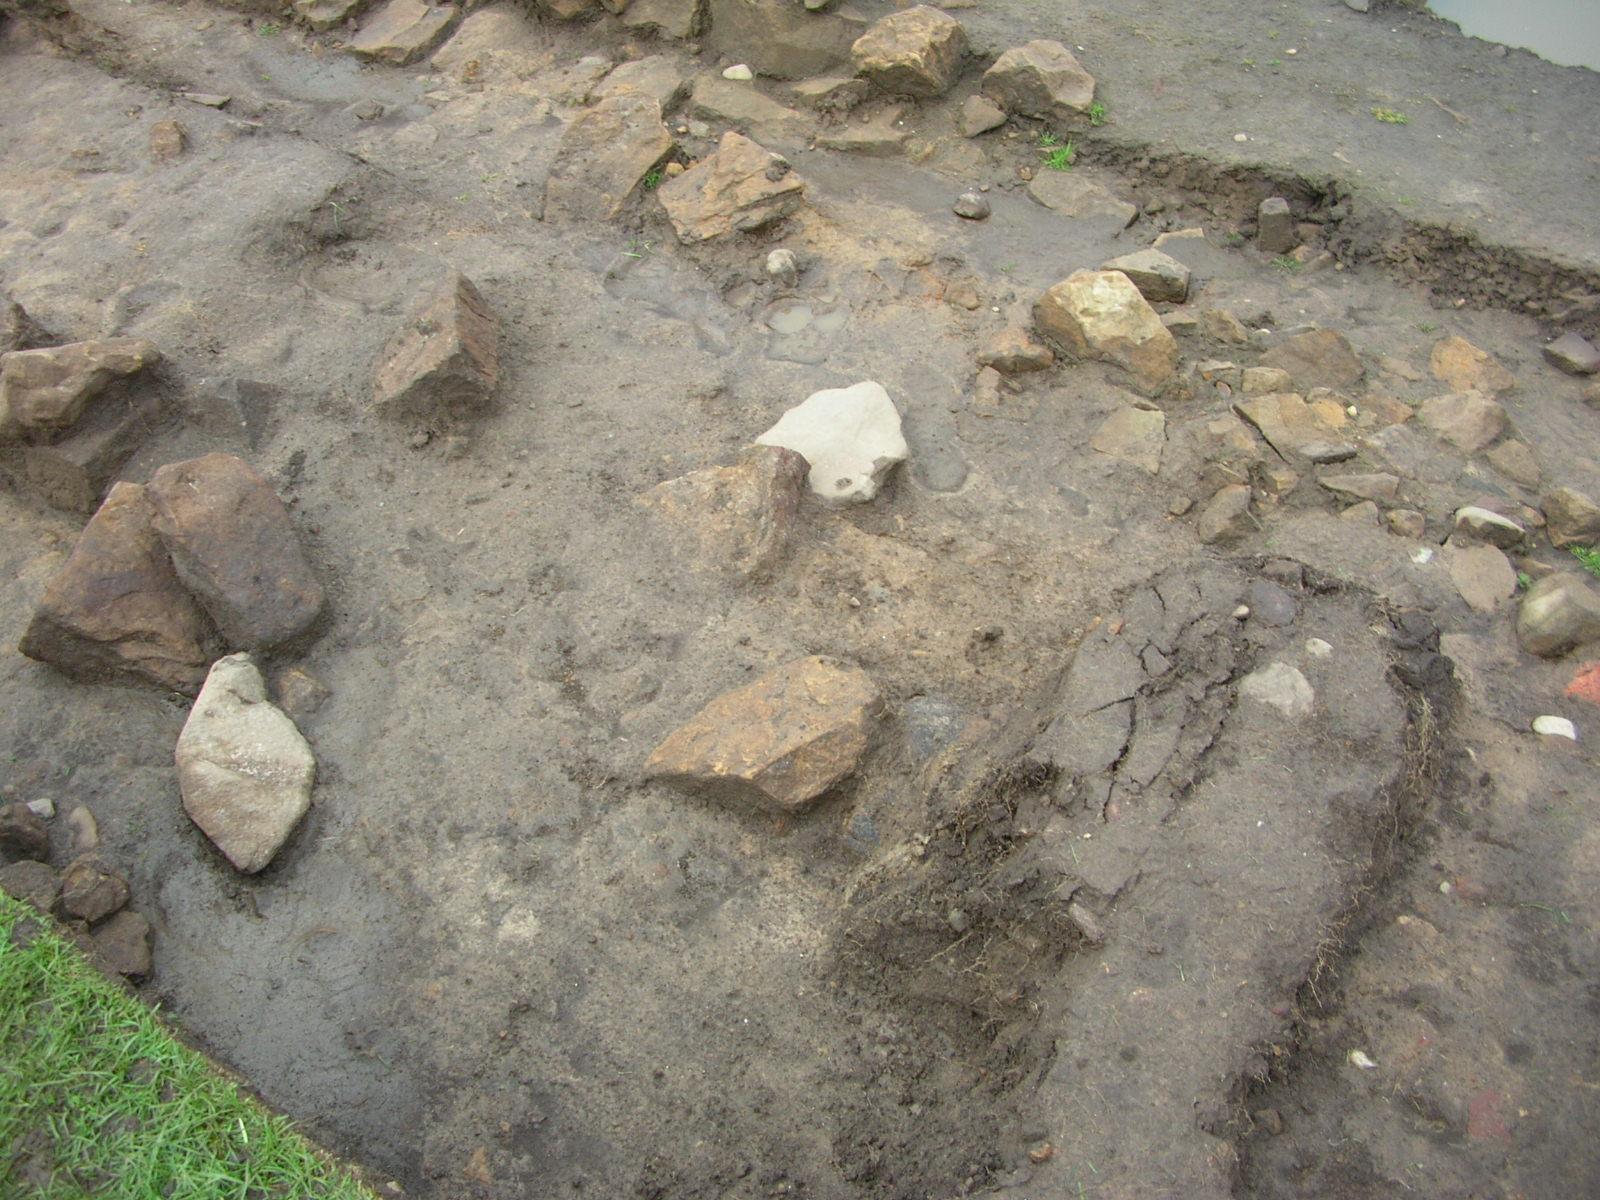 Vindolanda_2012_067___Copy.jpg